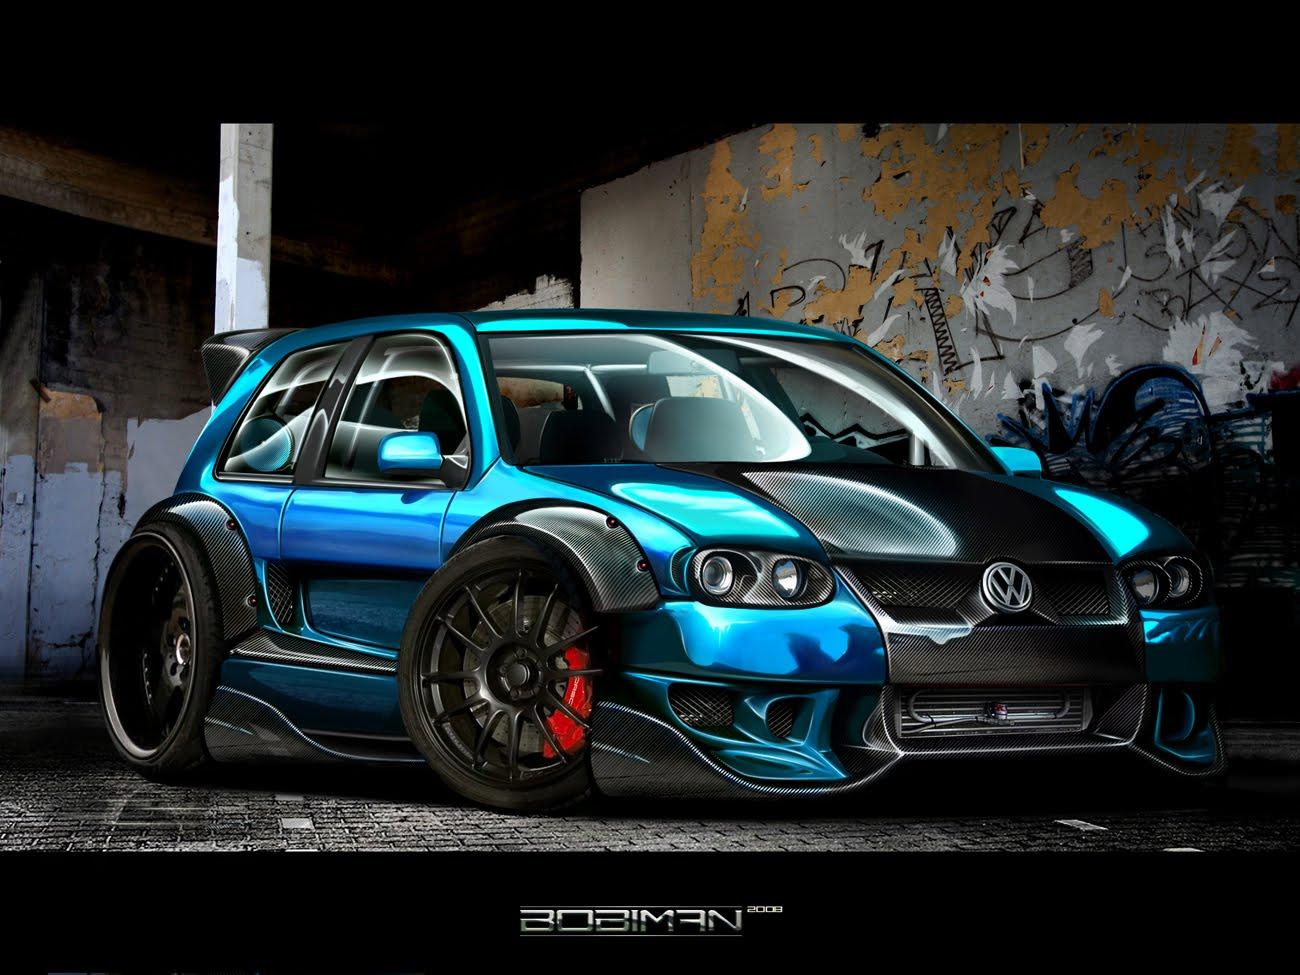 http://2.bp.blogspot.com/_gfhpICuIp60/TC8OL-H9nvI/AAAAAAAAAI0/EY7frzxrozo/s1600/extreme-golf-iv-car-wallpaper.jpg